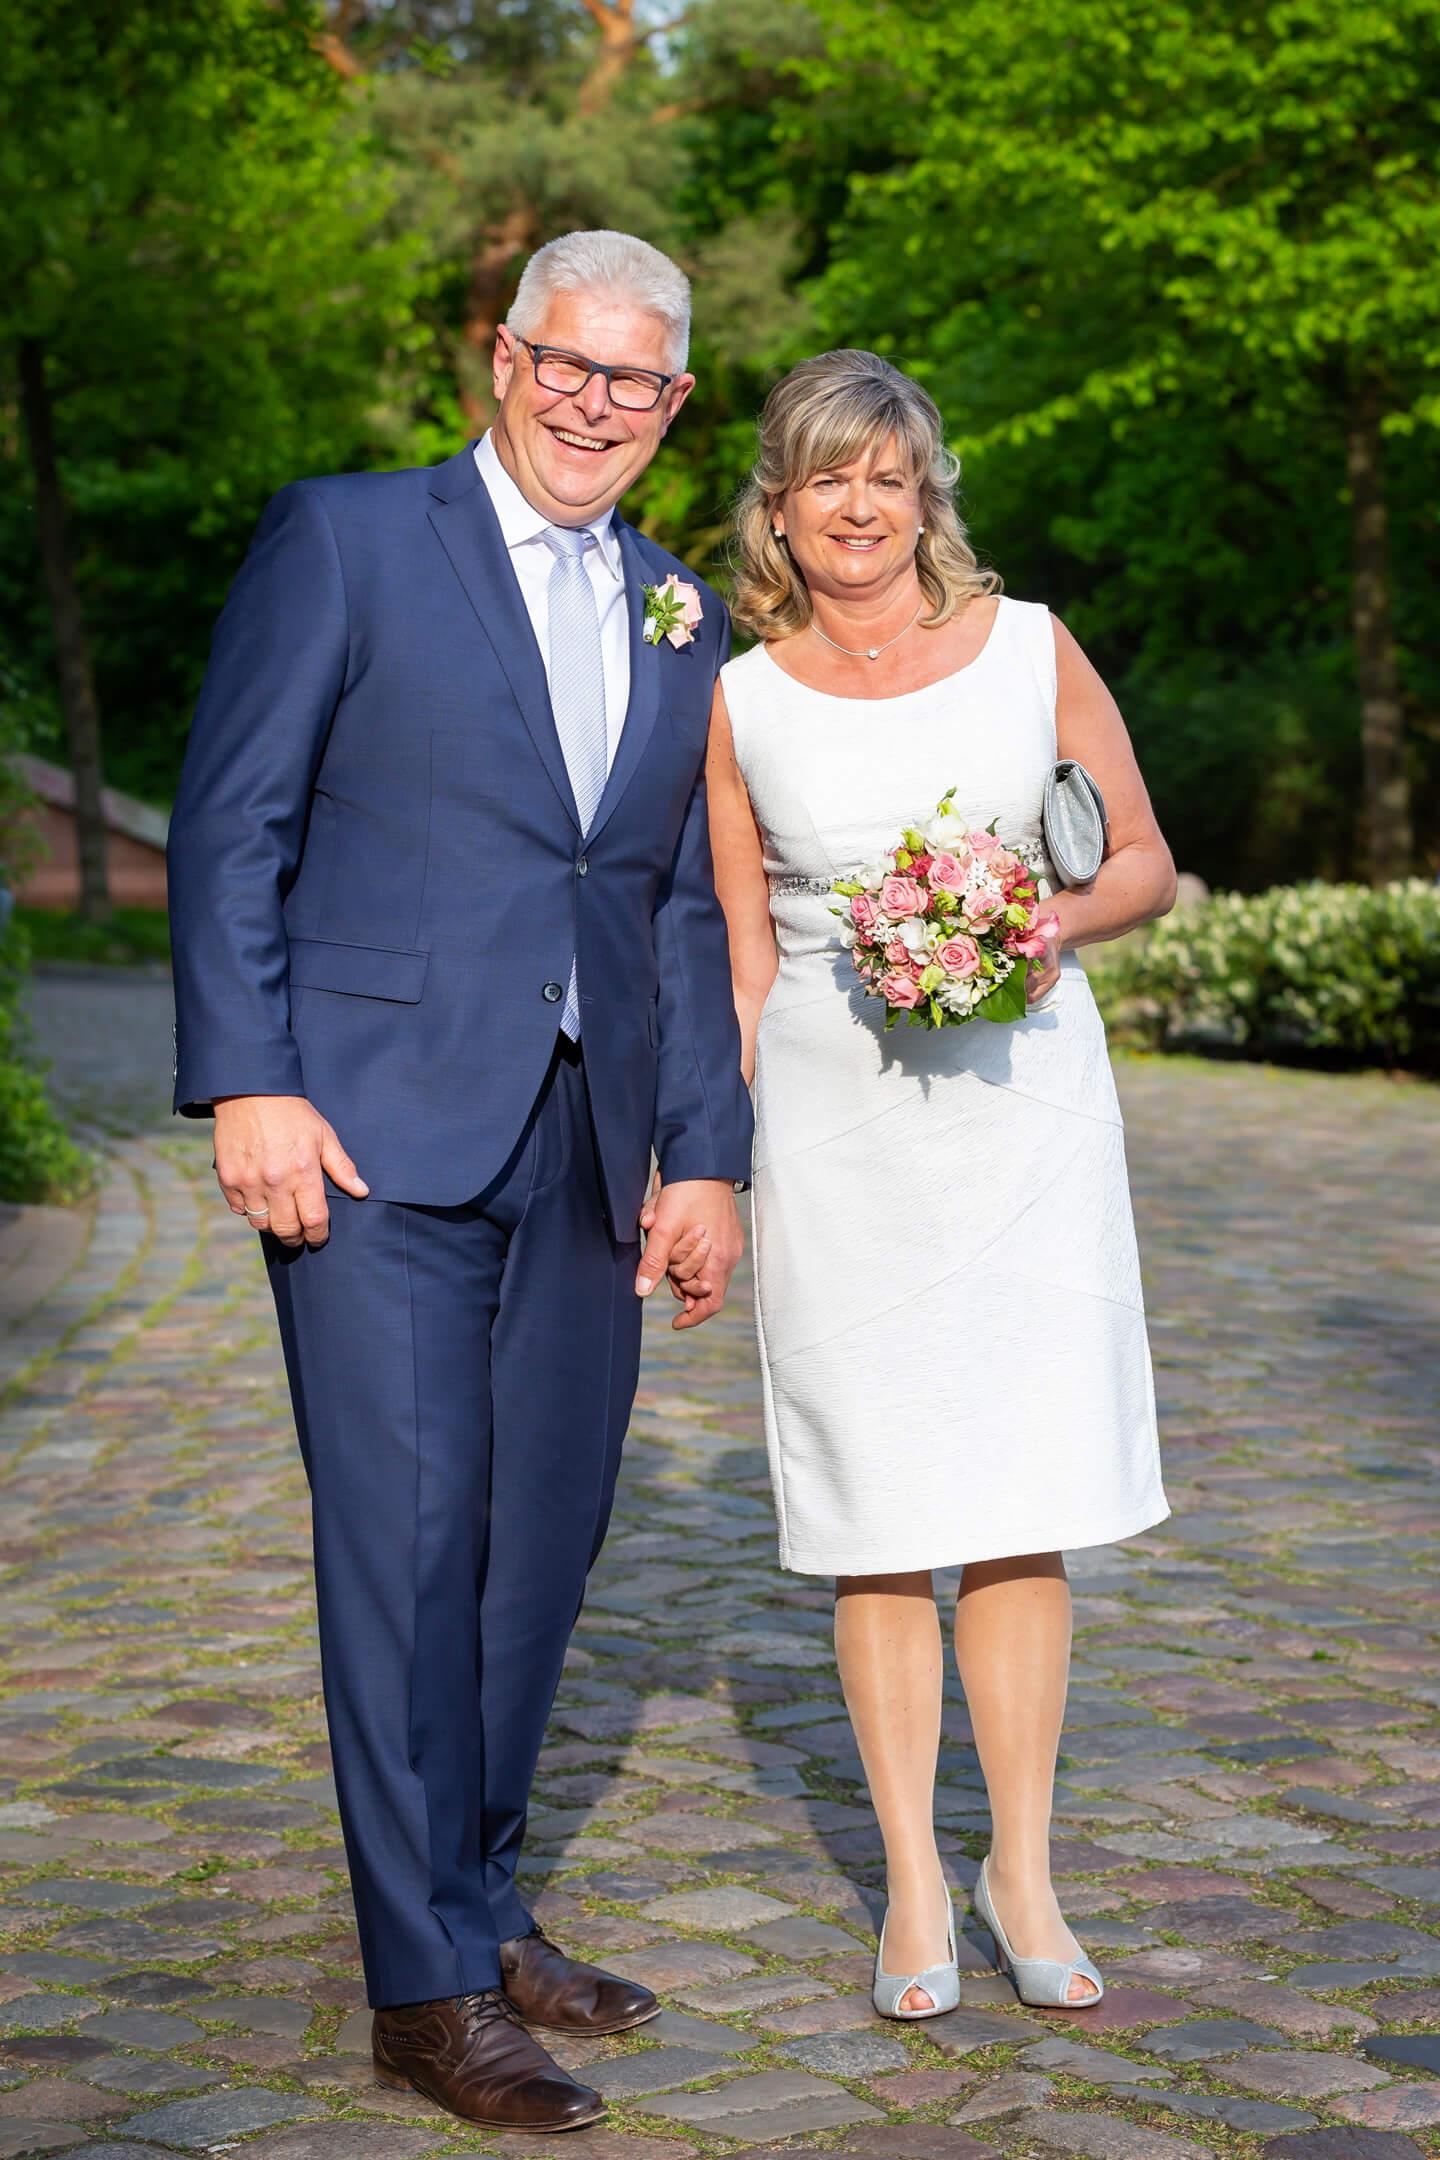 Brautpaar trifft an der Hochzeitslocation Leuchtturm ein